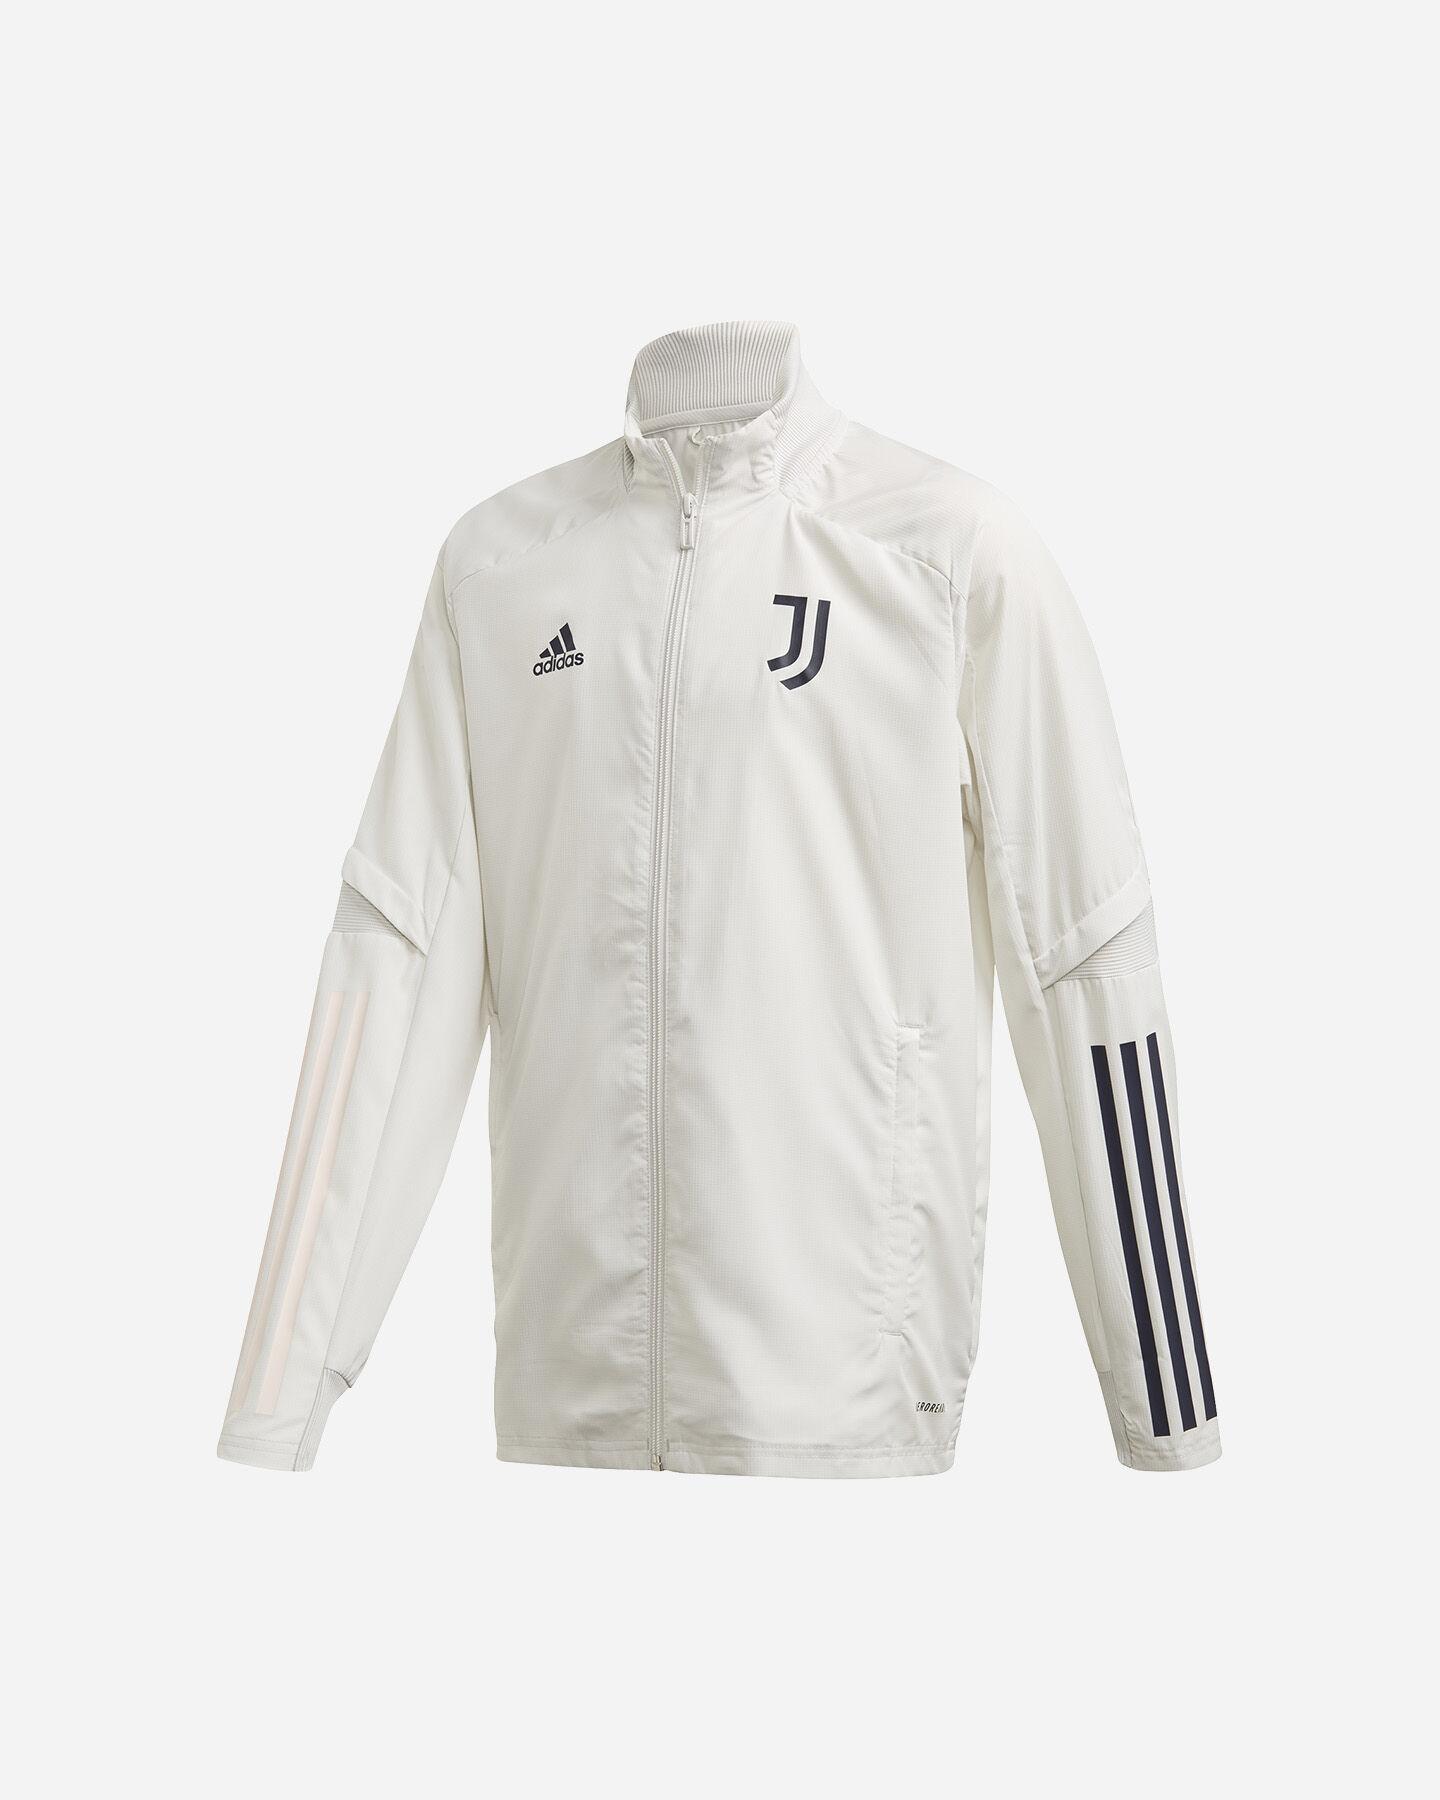 Abbigliamento calcio ADIDAS JUVENTUS PRESENTATION 20/21 JR S5217515 scatto 0